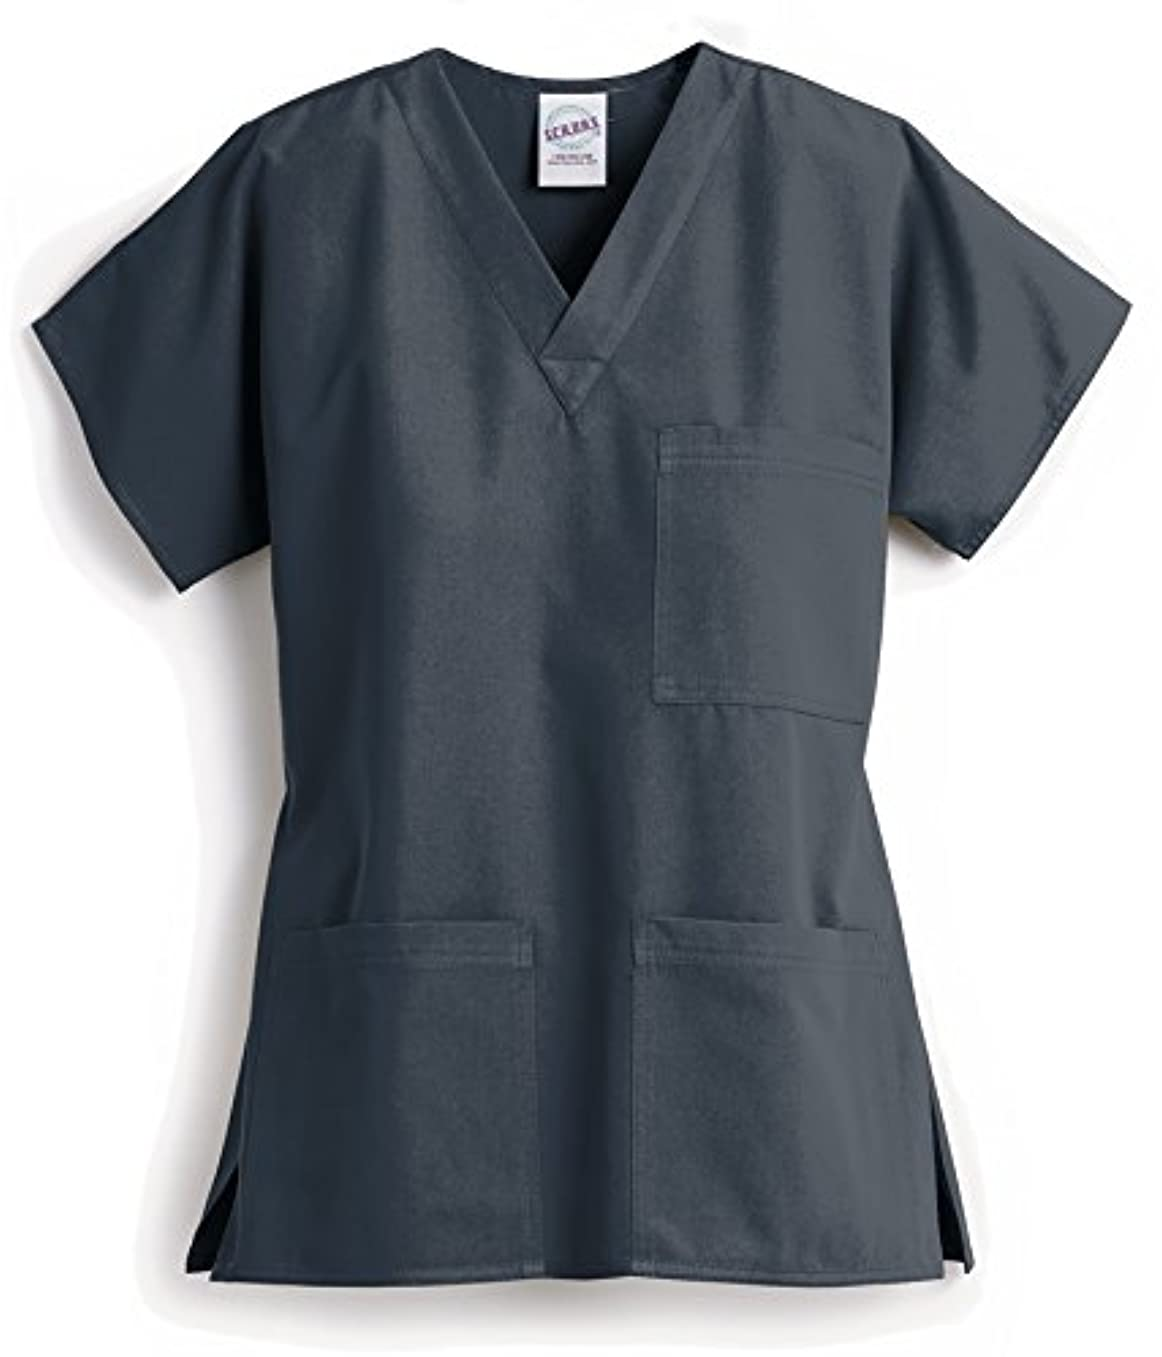 キャップ途方もない警察署アメリカスクラブス(S.C.R.U.B.S.) Z1004 3ポケットトップ Unisex XXS~L 医療ユニフォーム スクラブ 手術着 オペ着